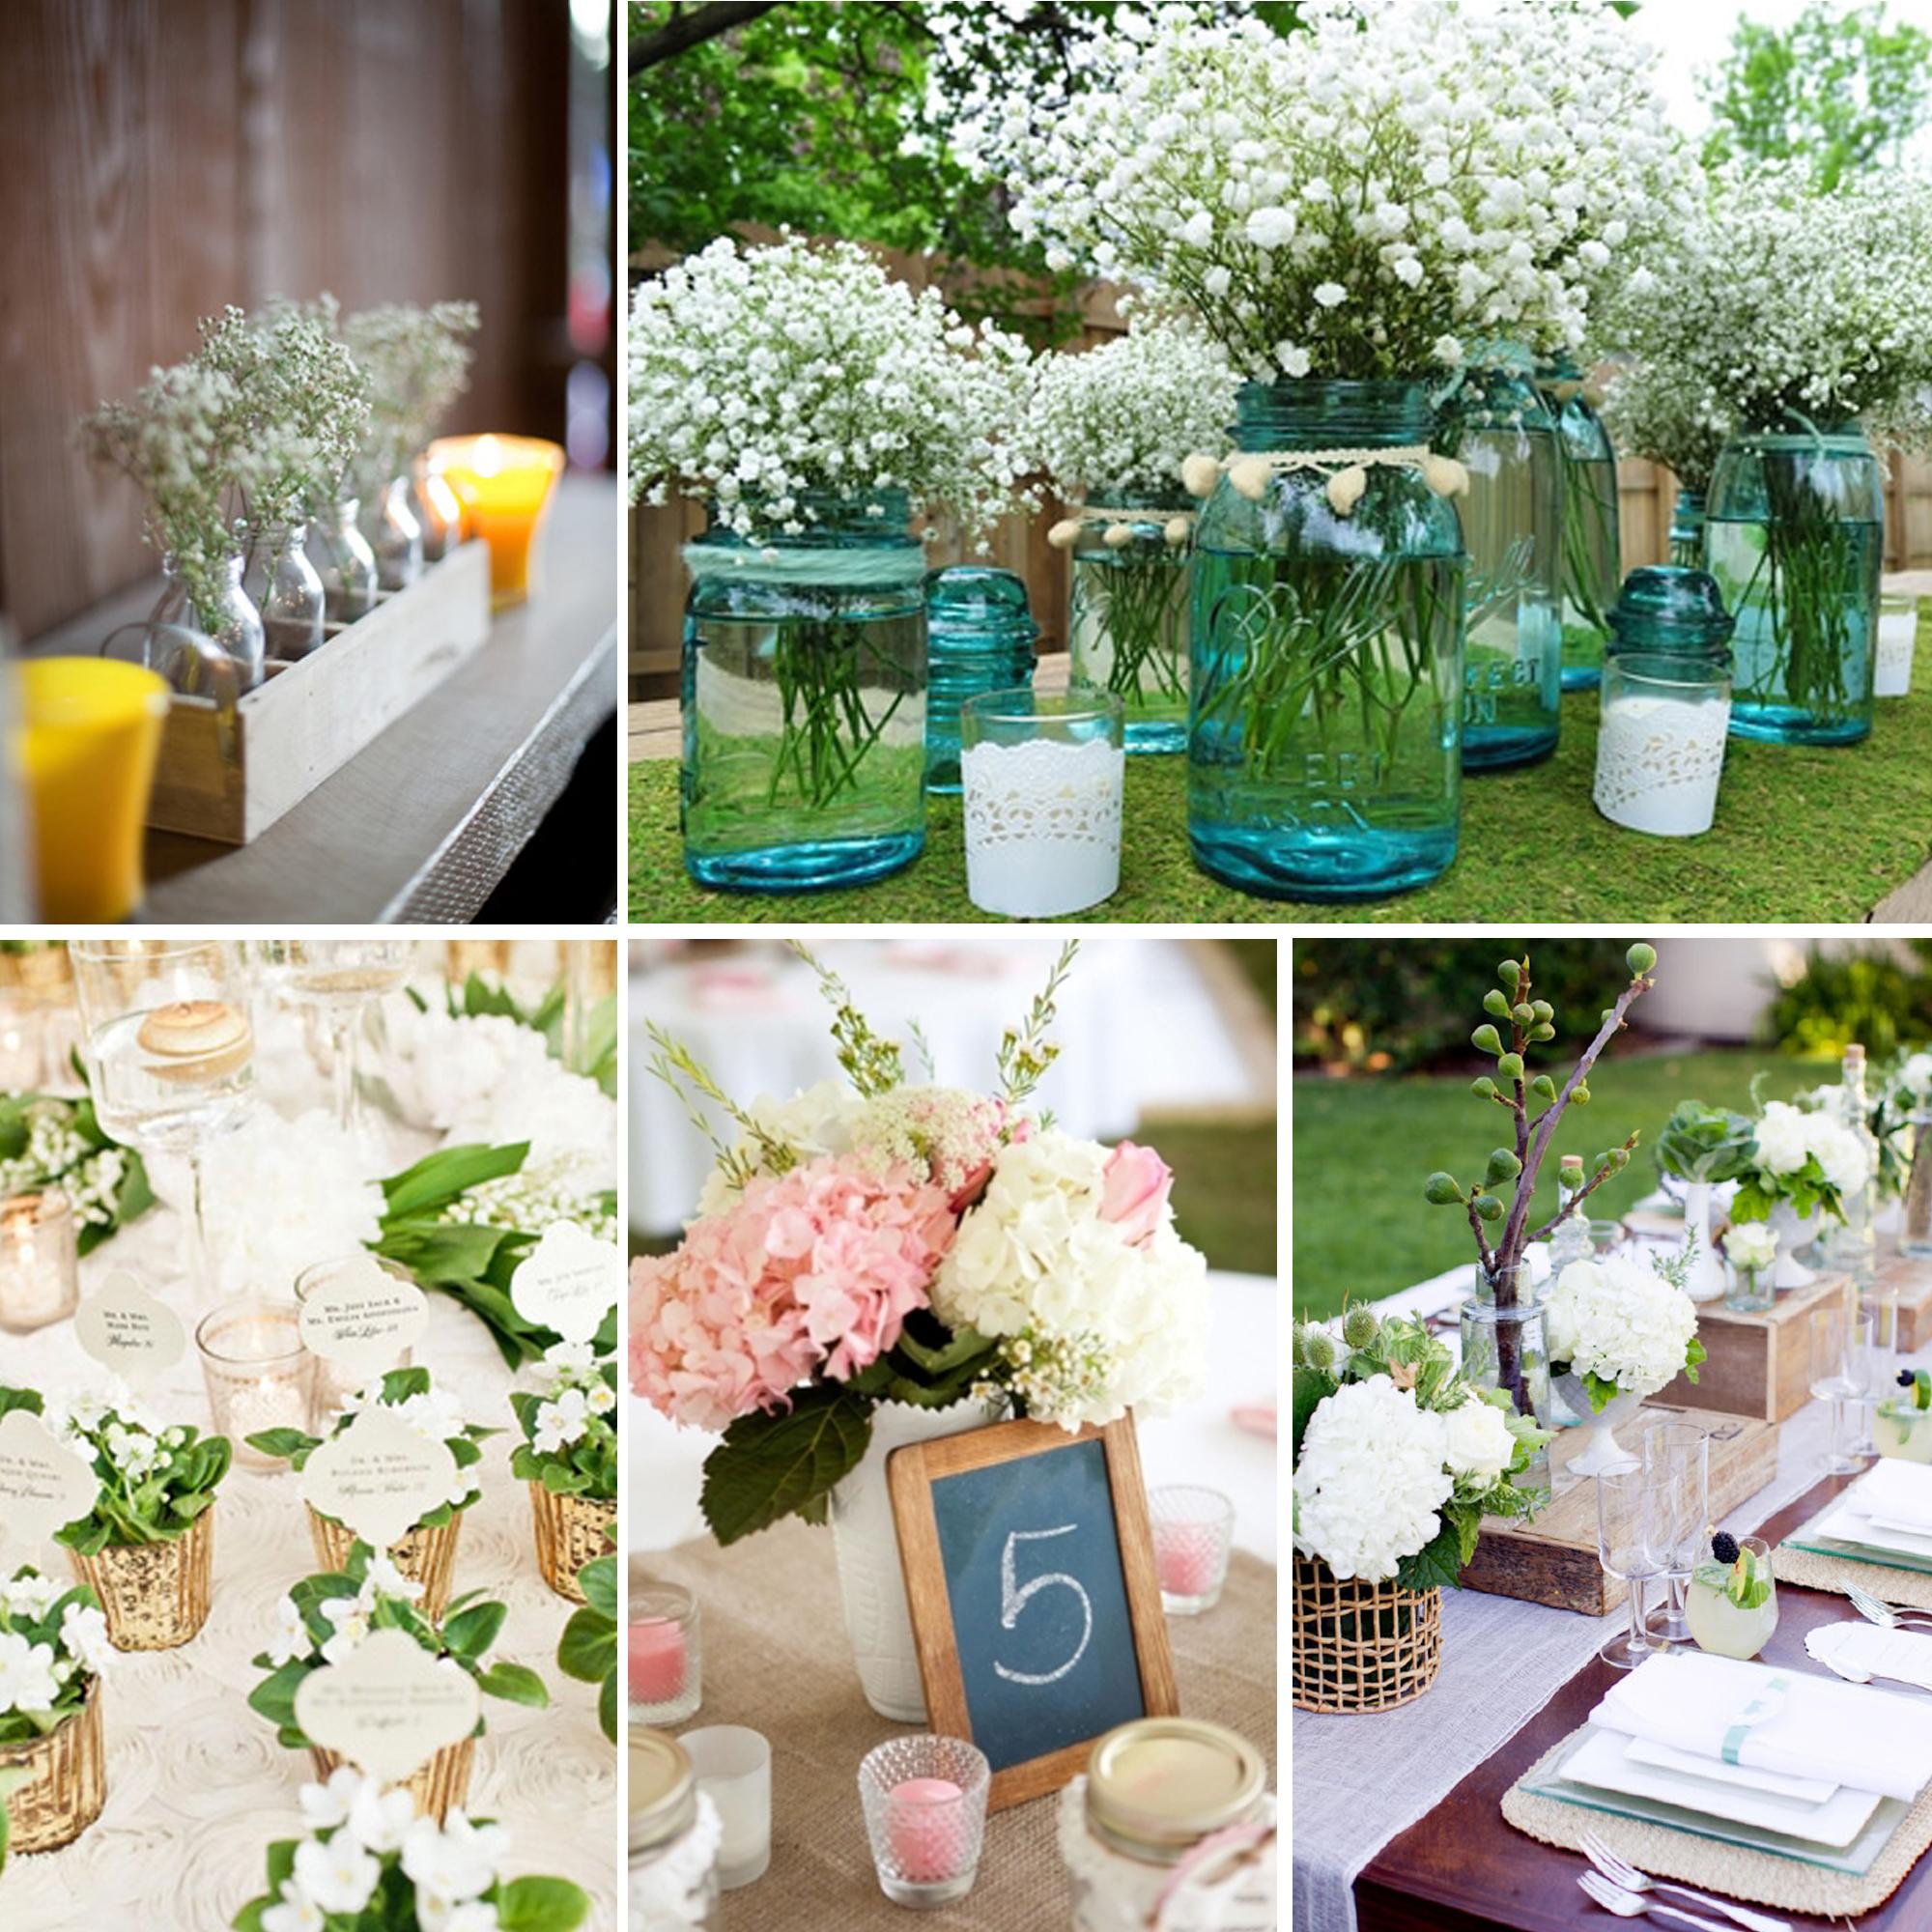 Centros de mesa mon wedding for Decoracion boda campestre